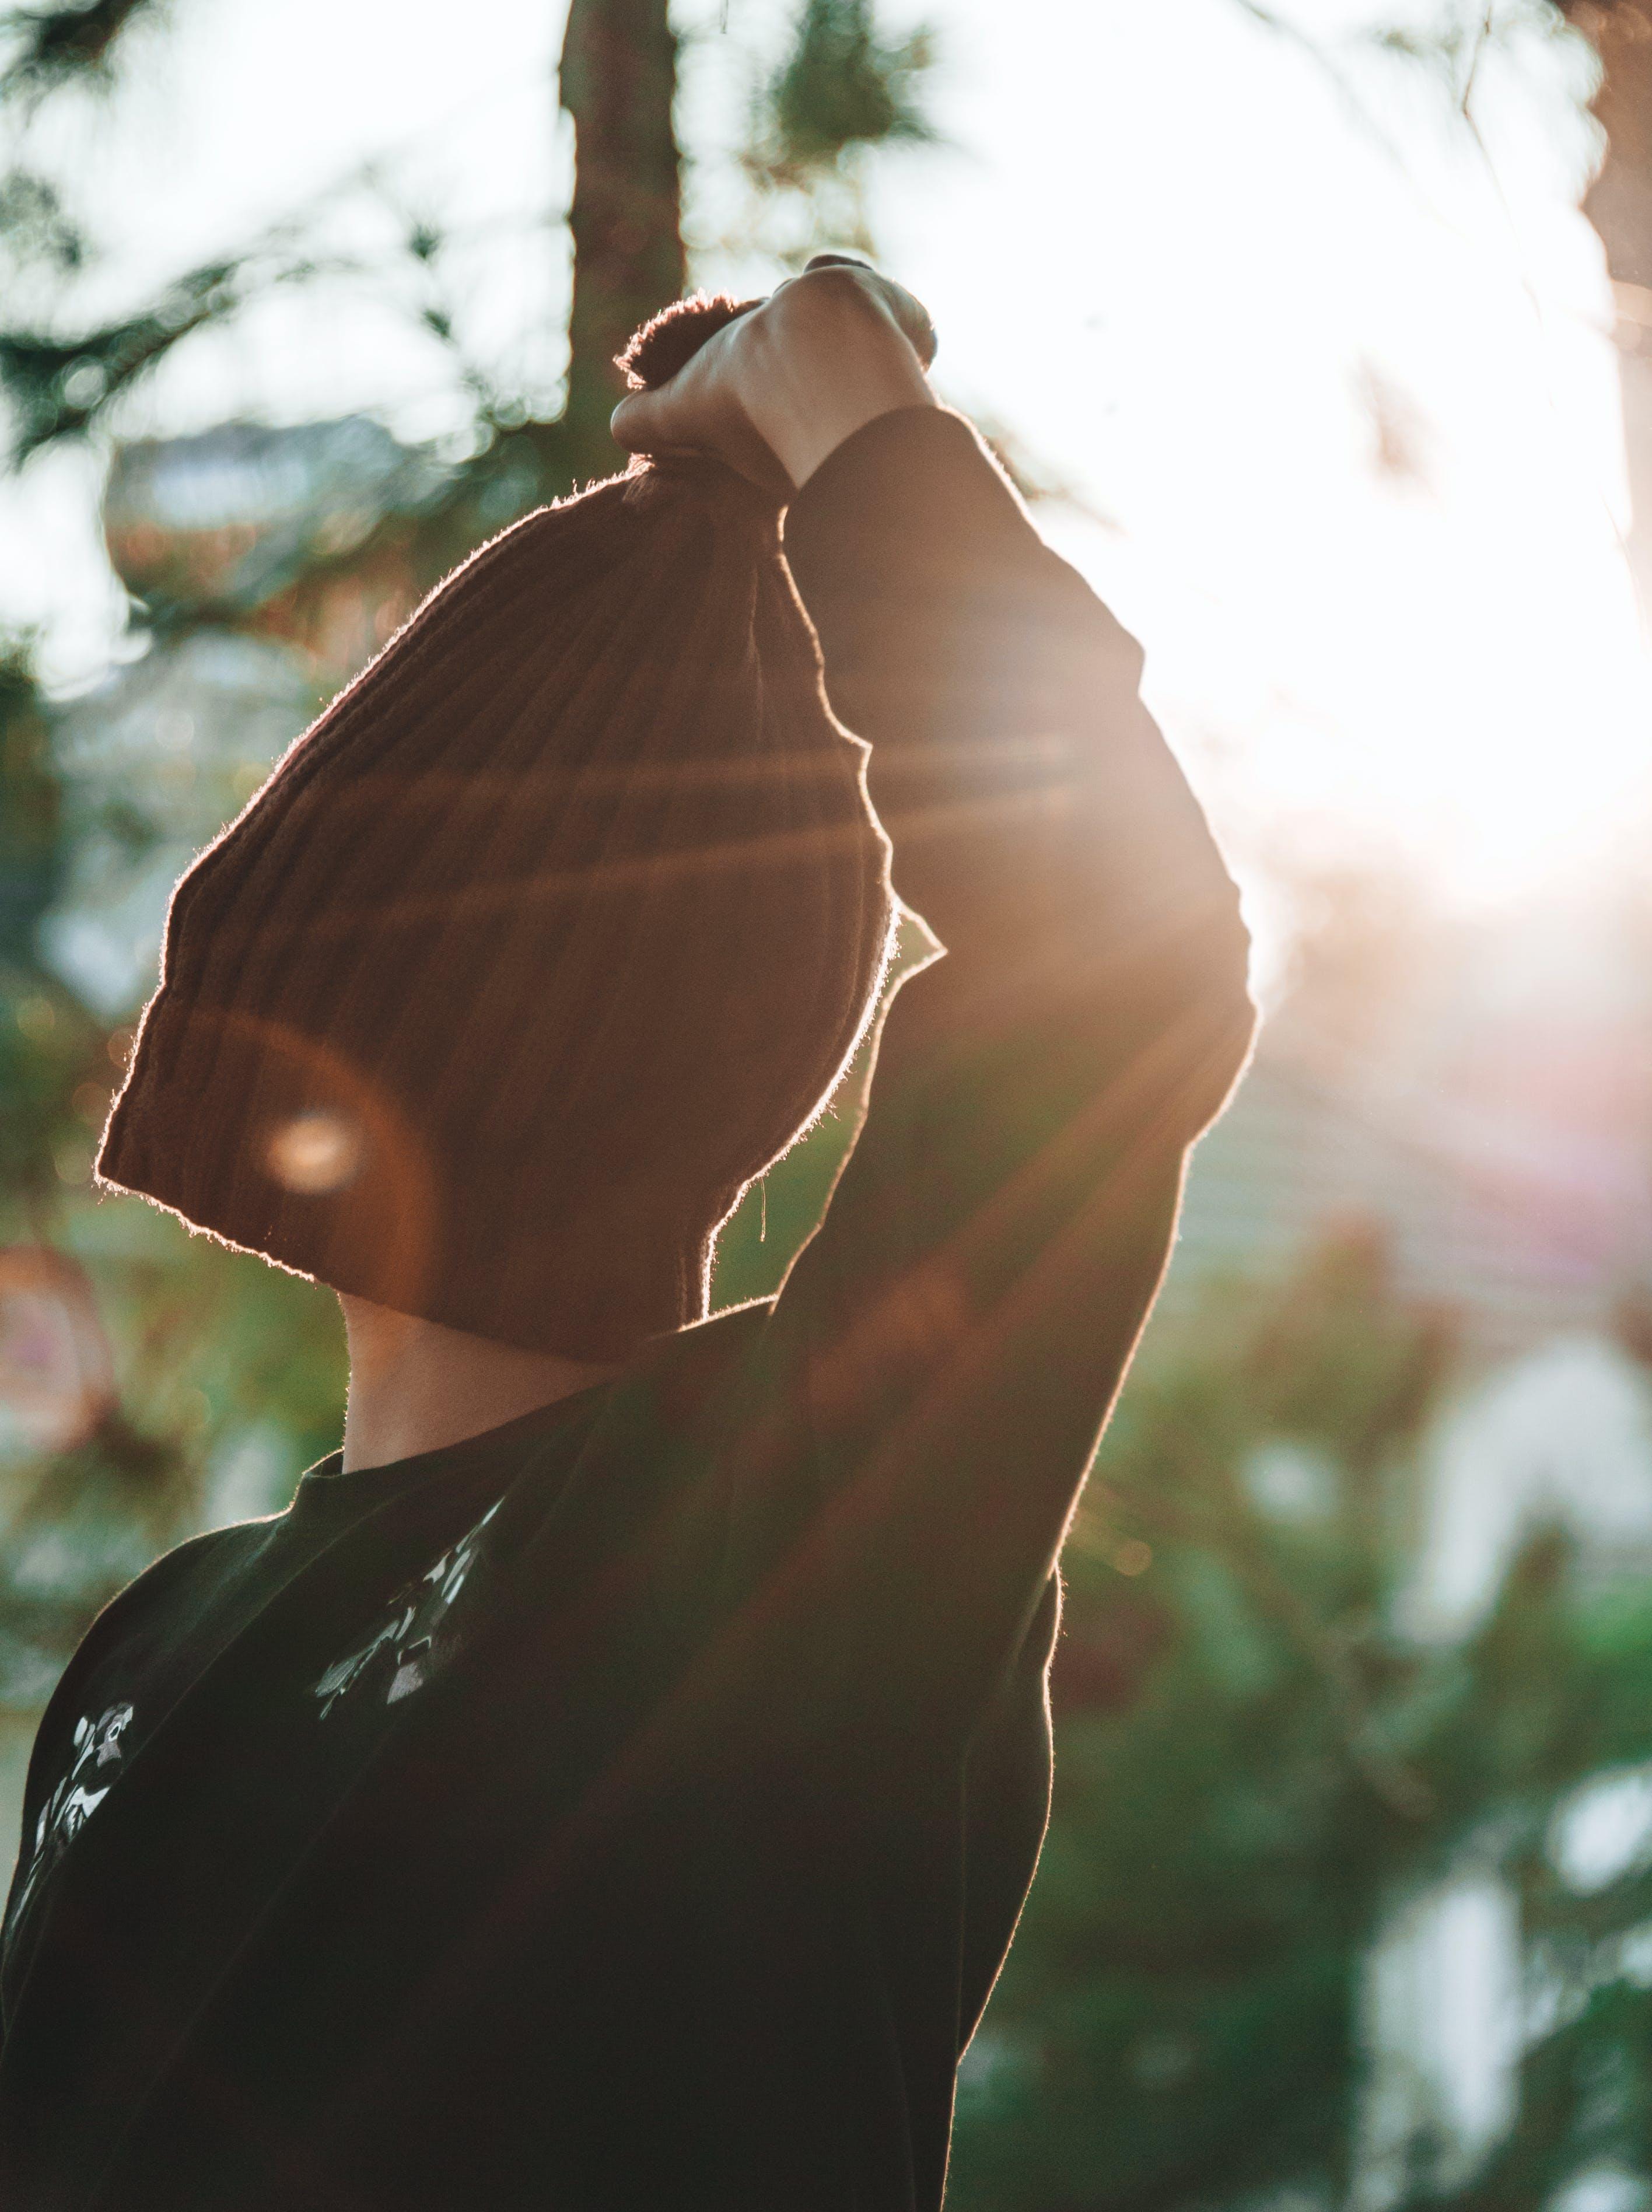 公園, 小圓便帽, 帽子, 日光 的 免費圖庫相片